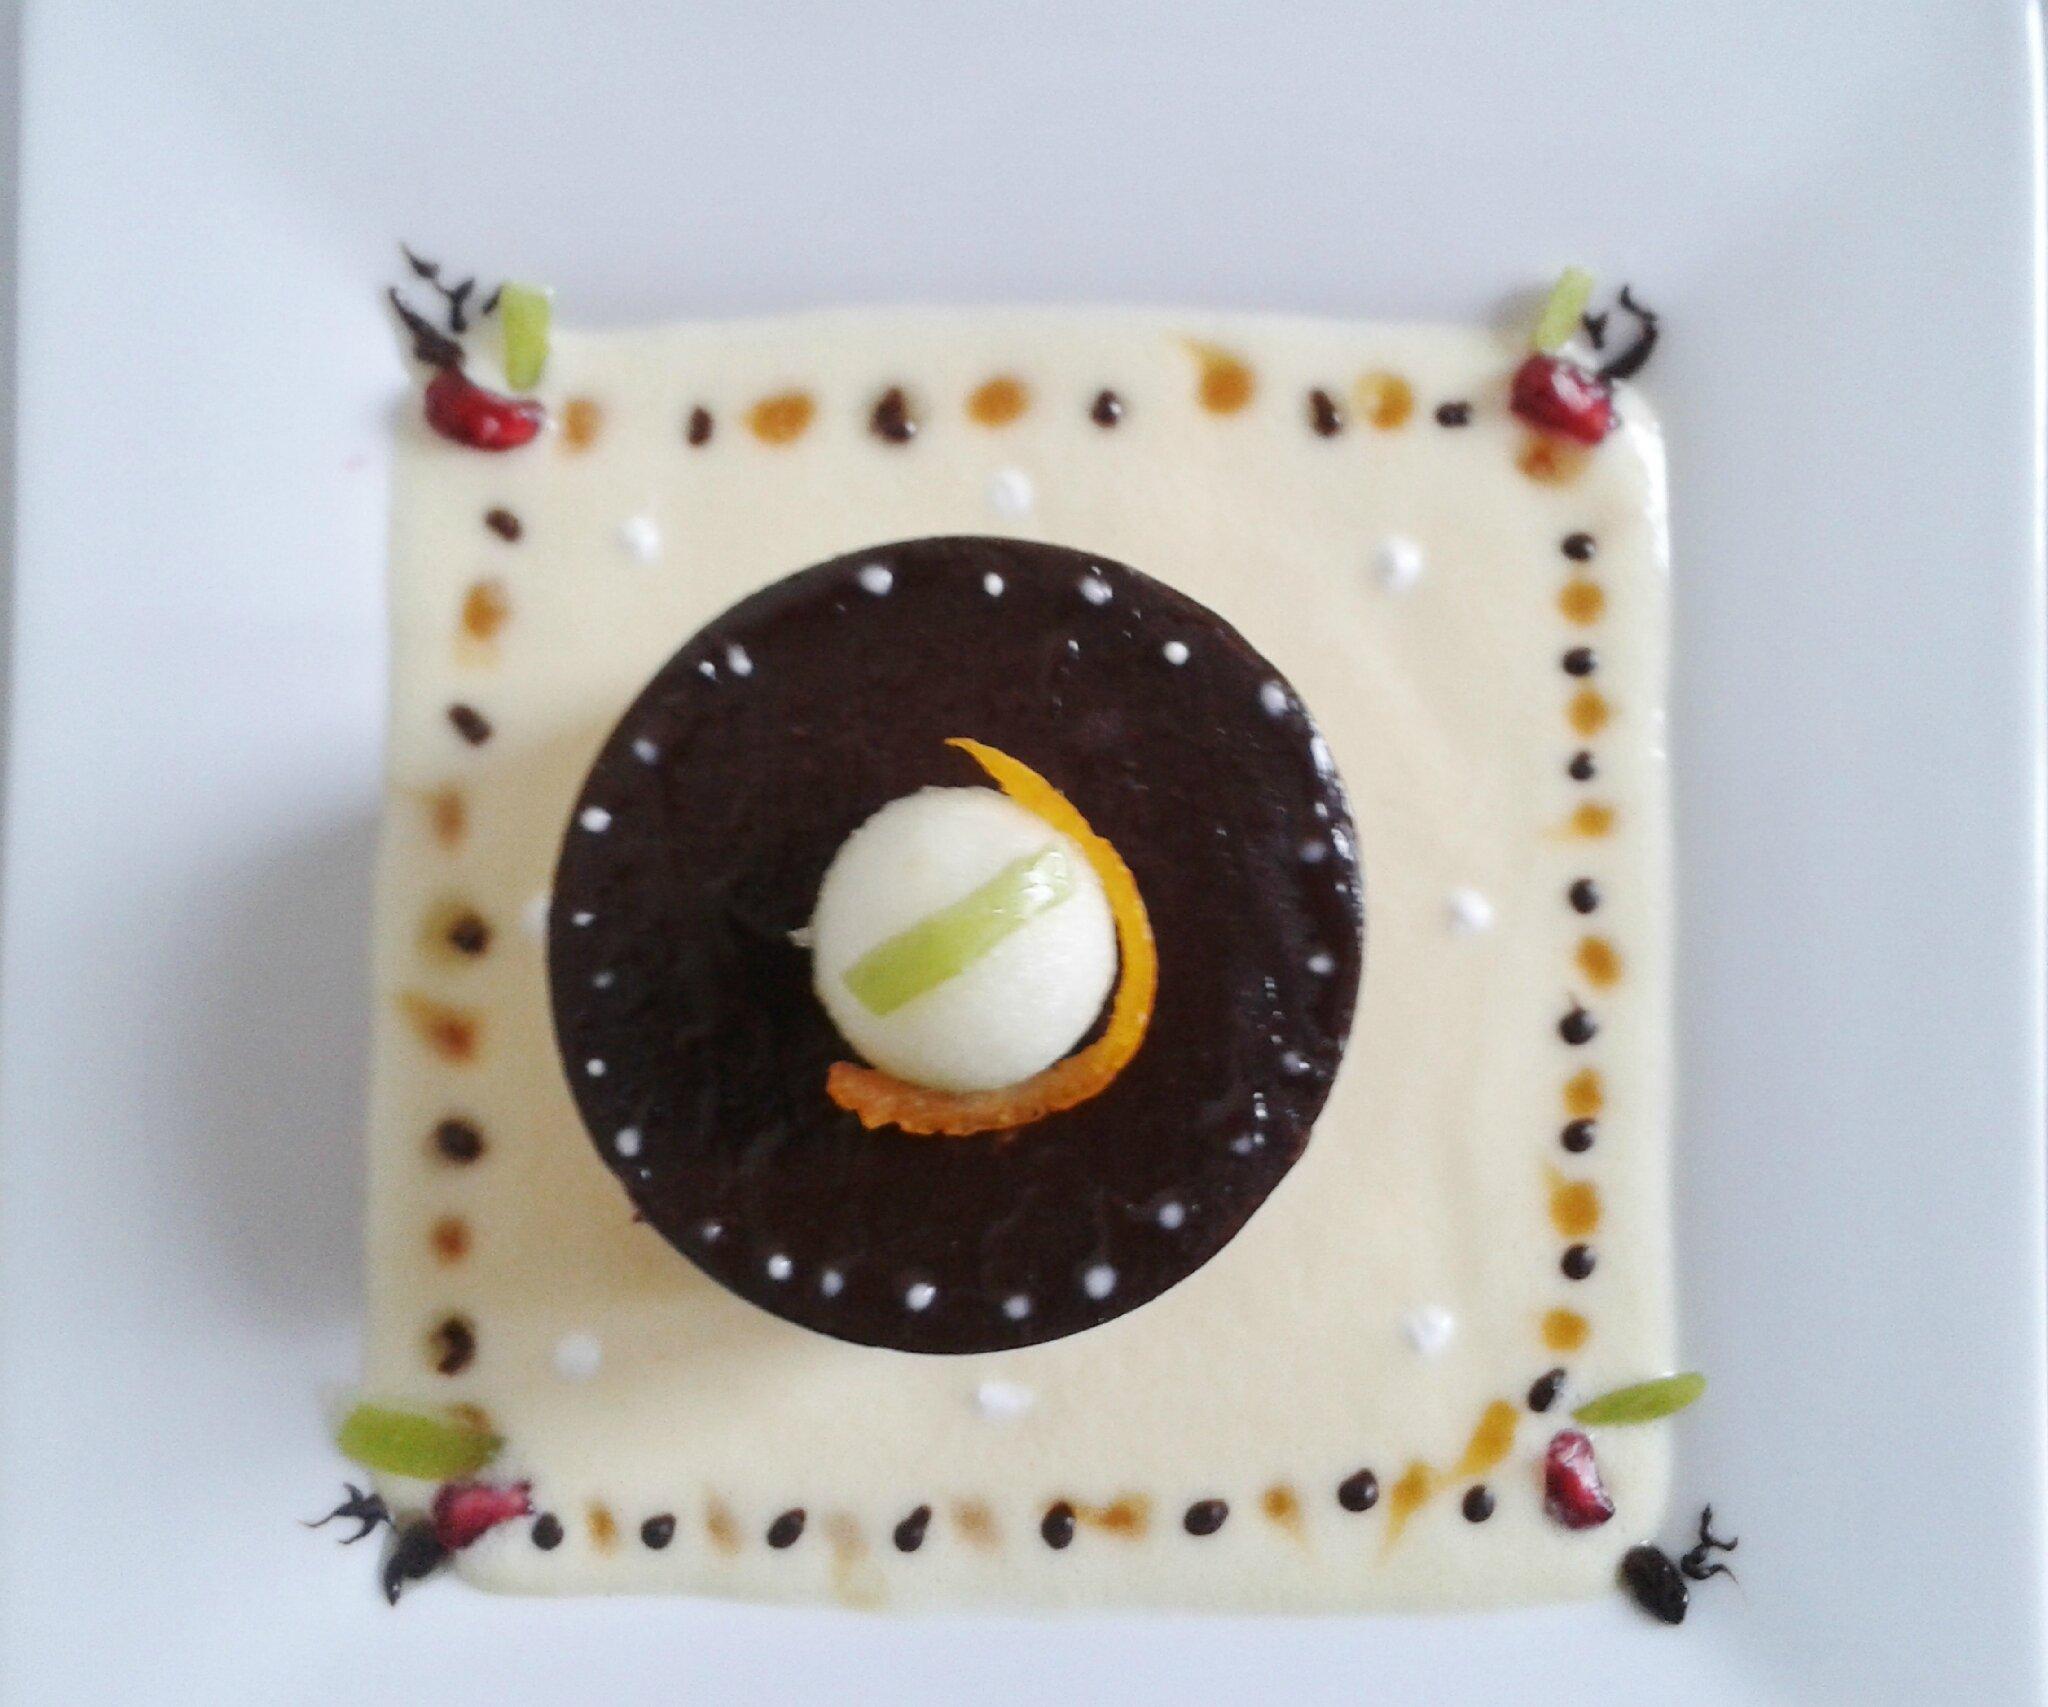 Crêpe spécial chandeleur 4( la crêpe au chocolat revisité par le chef Custos)